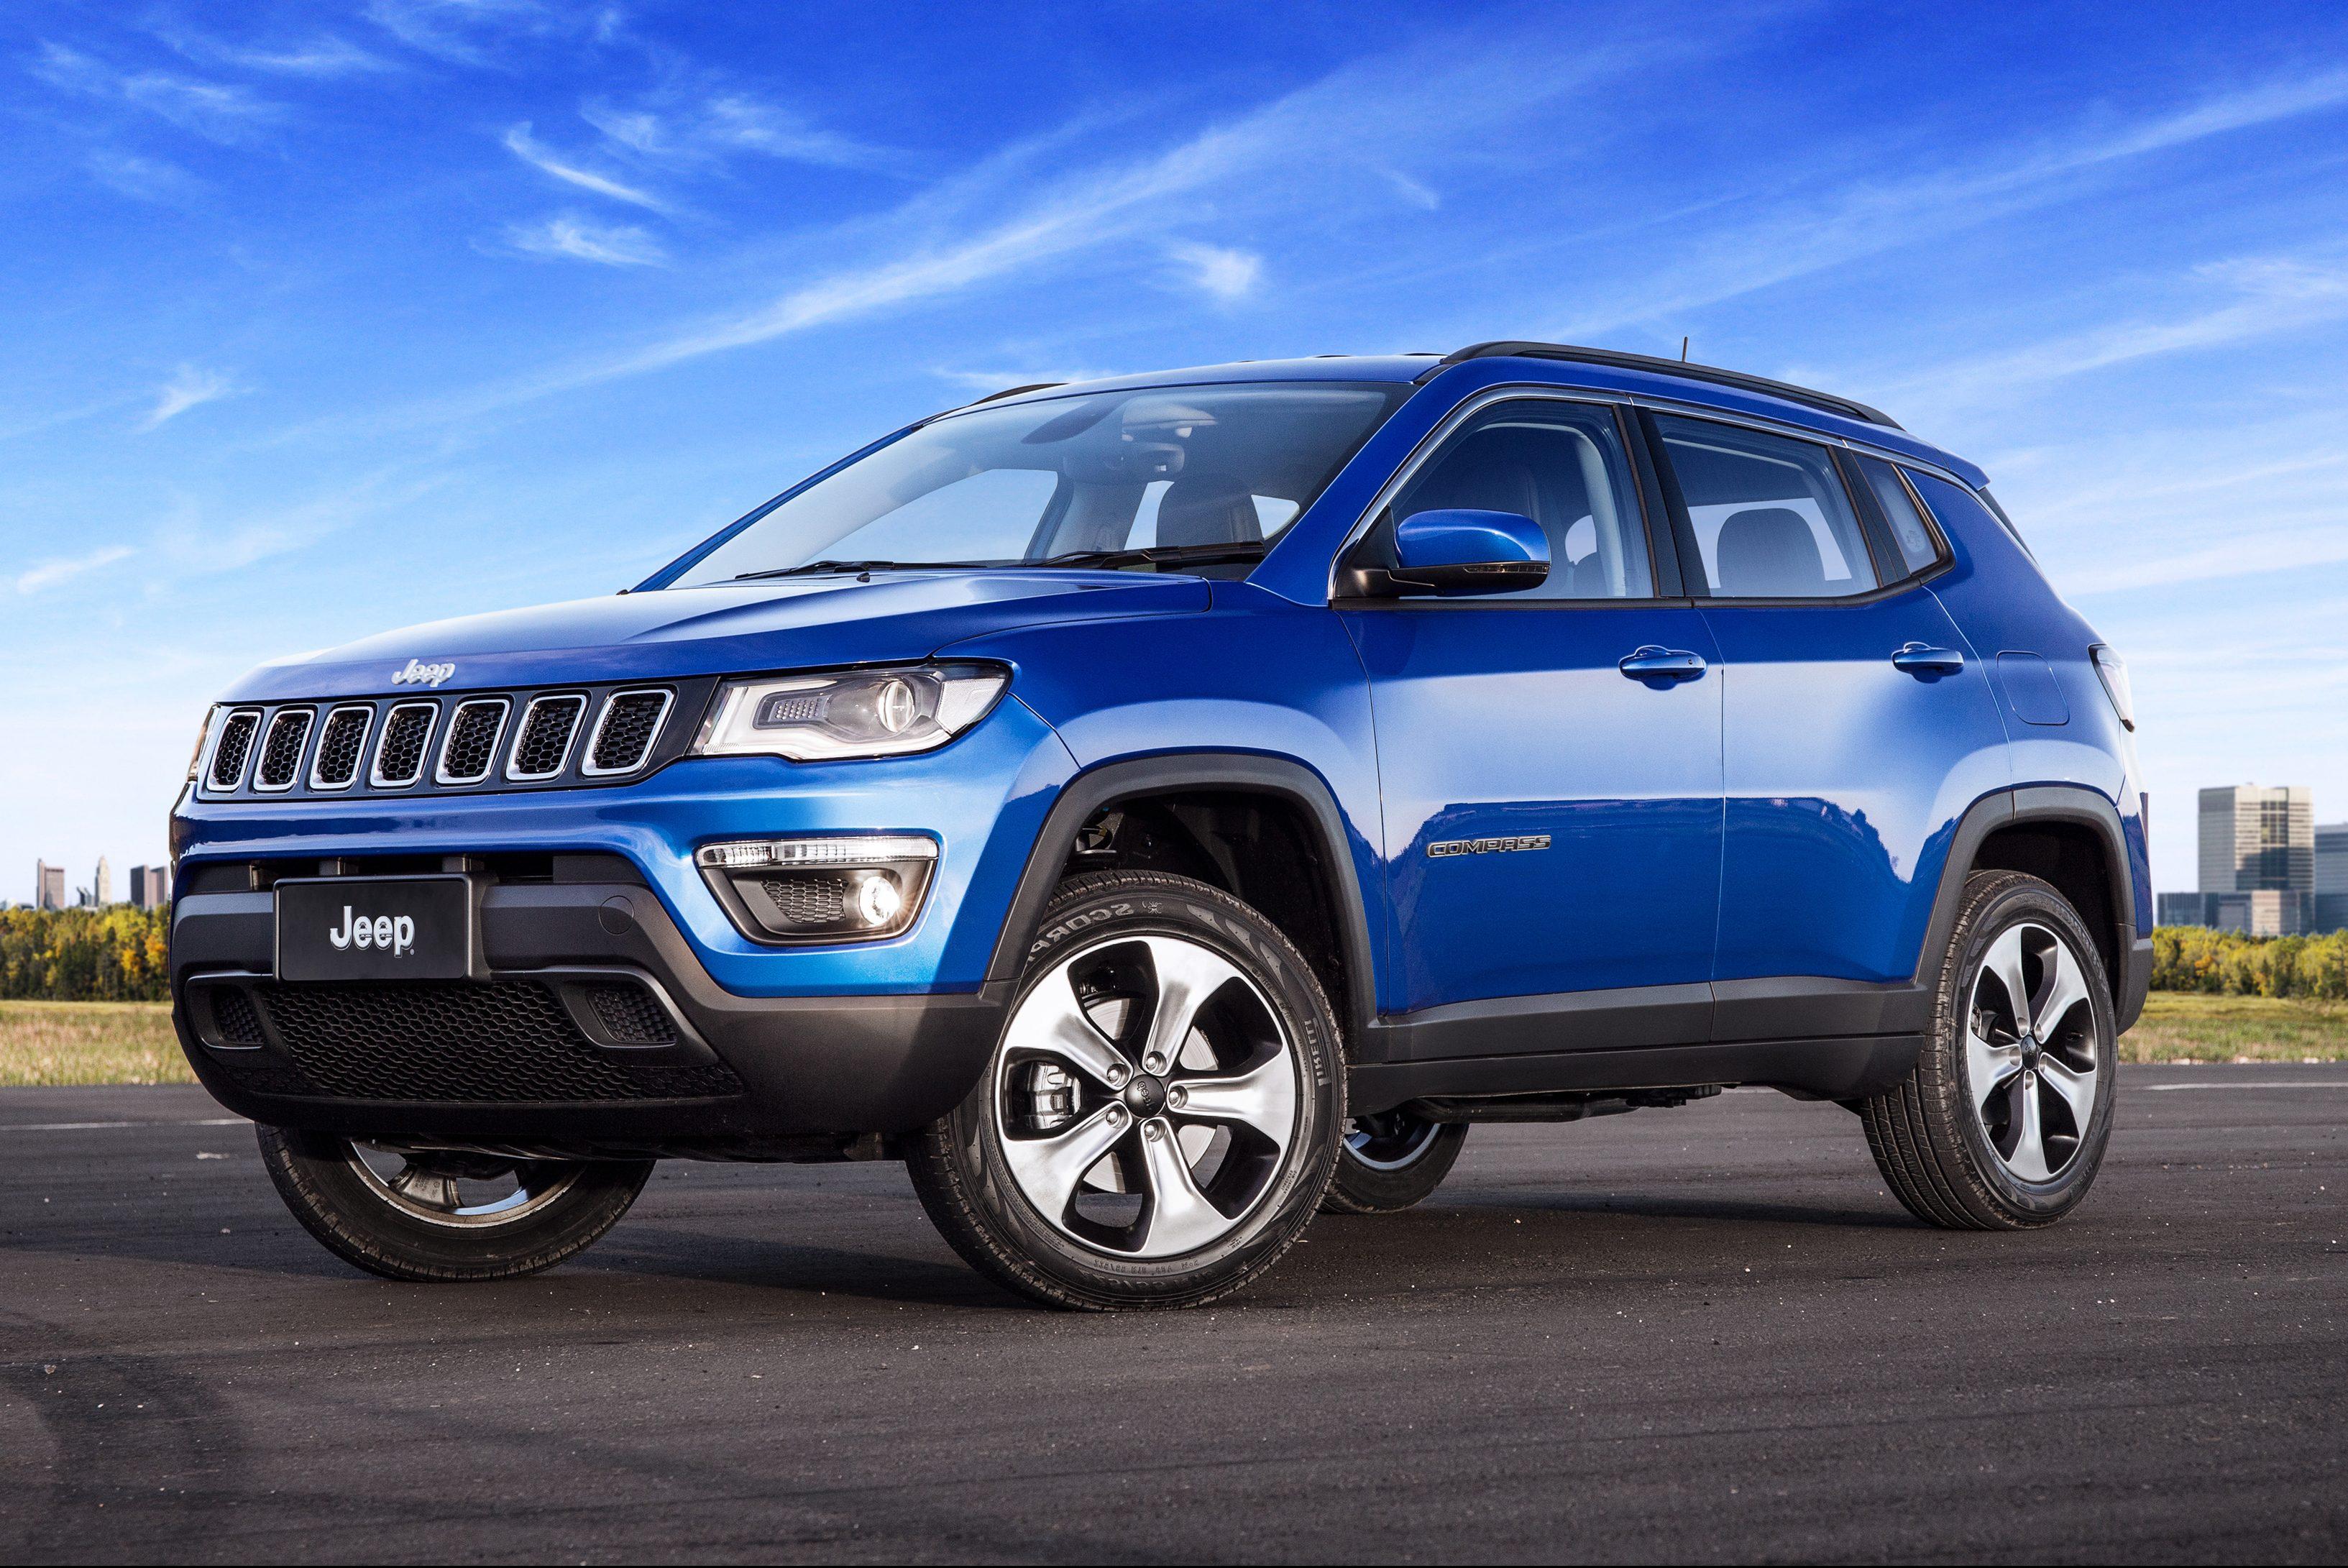 Jeep Lanca Campanha Para Pcd Com Compass Diesel A Menos De R 100 000 Quatro Rodas